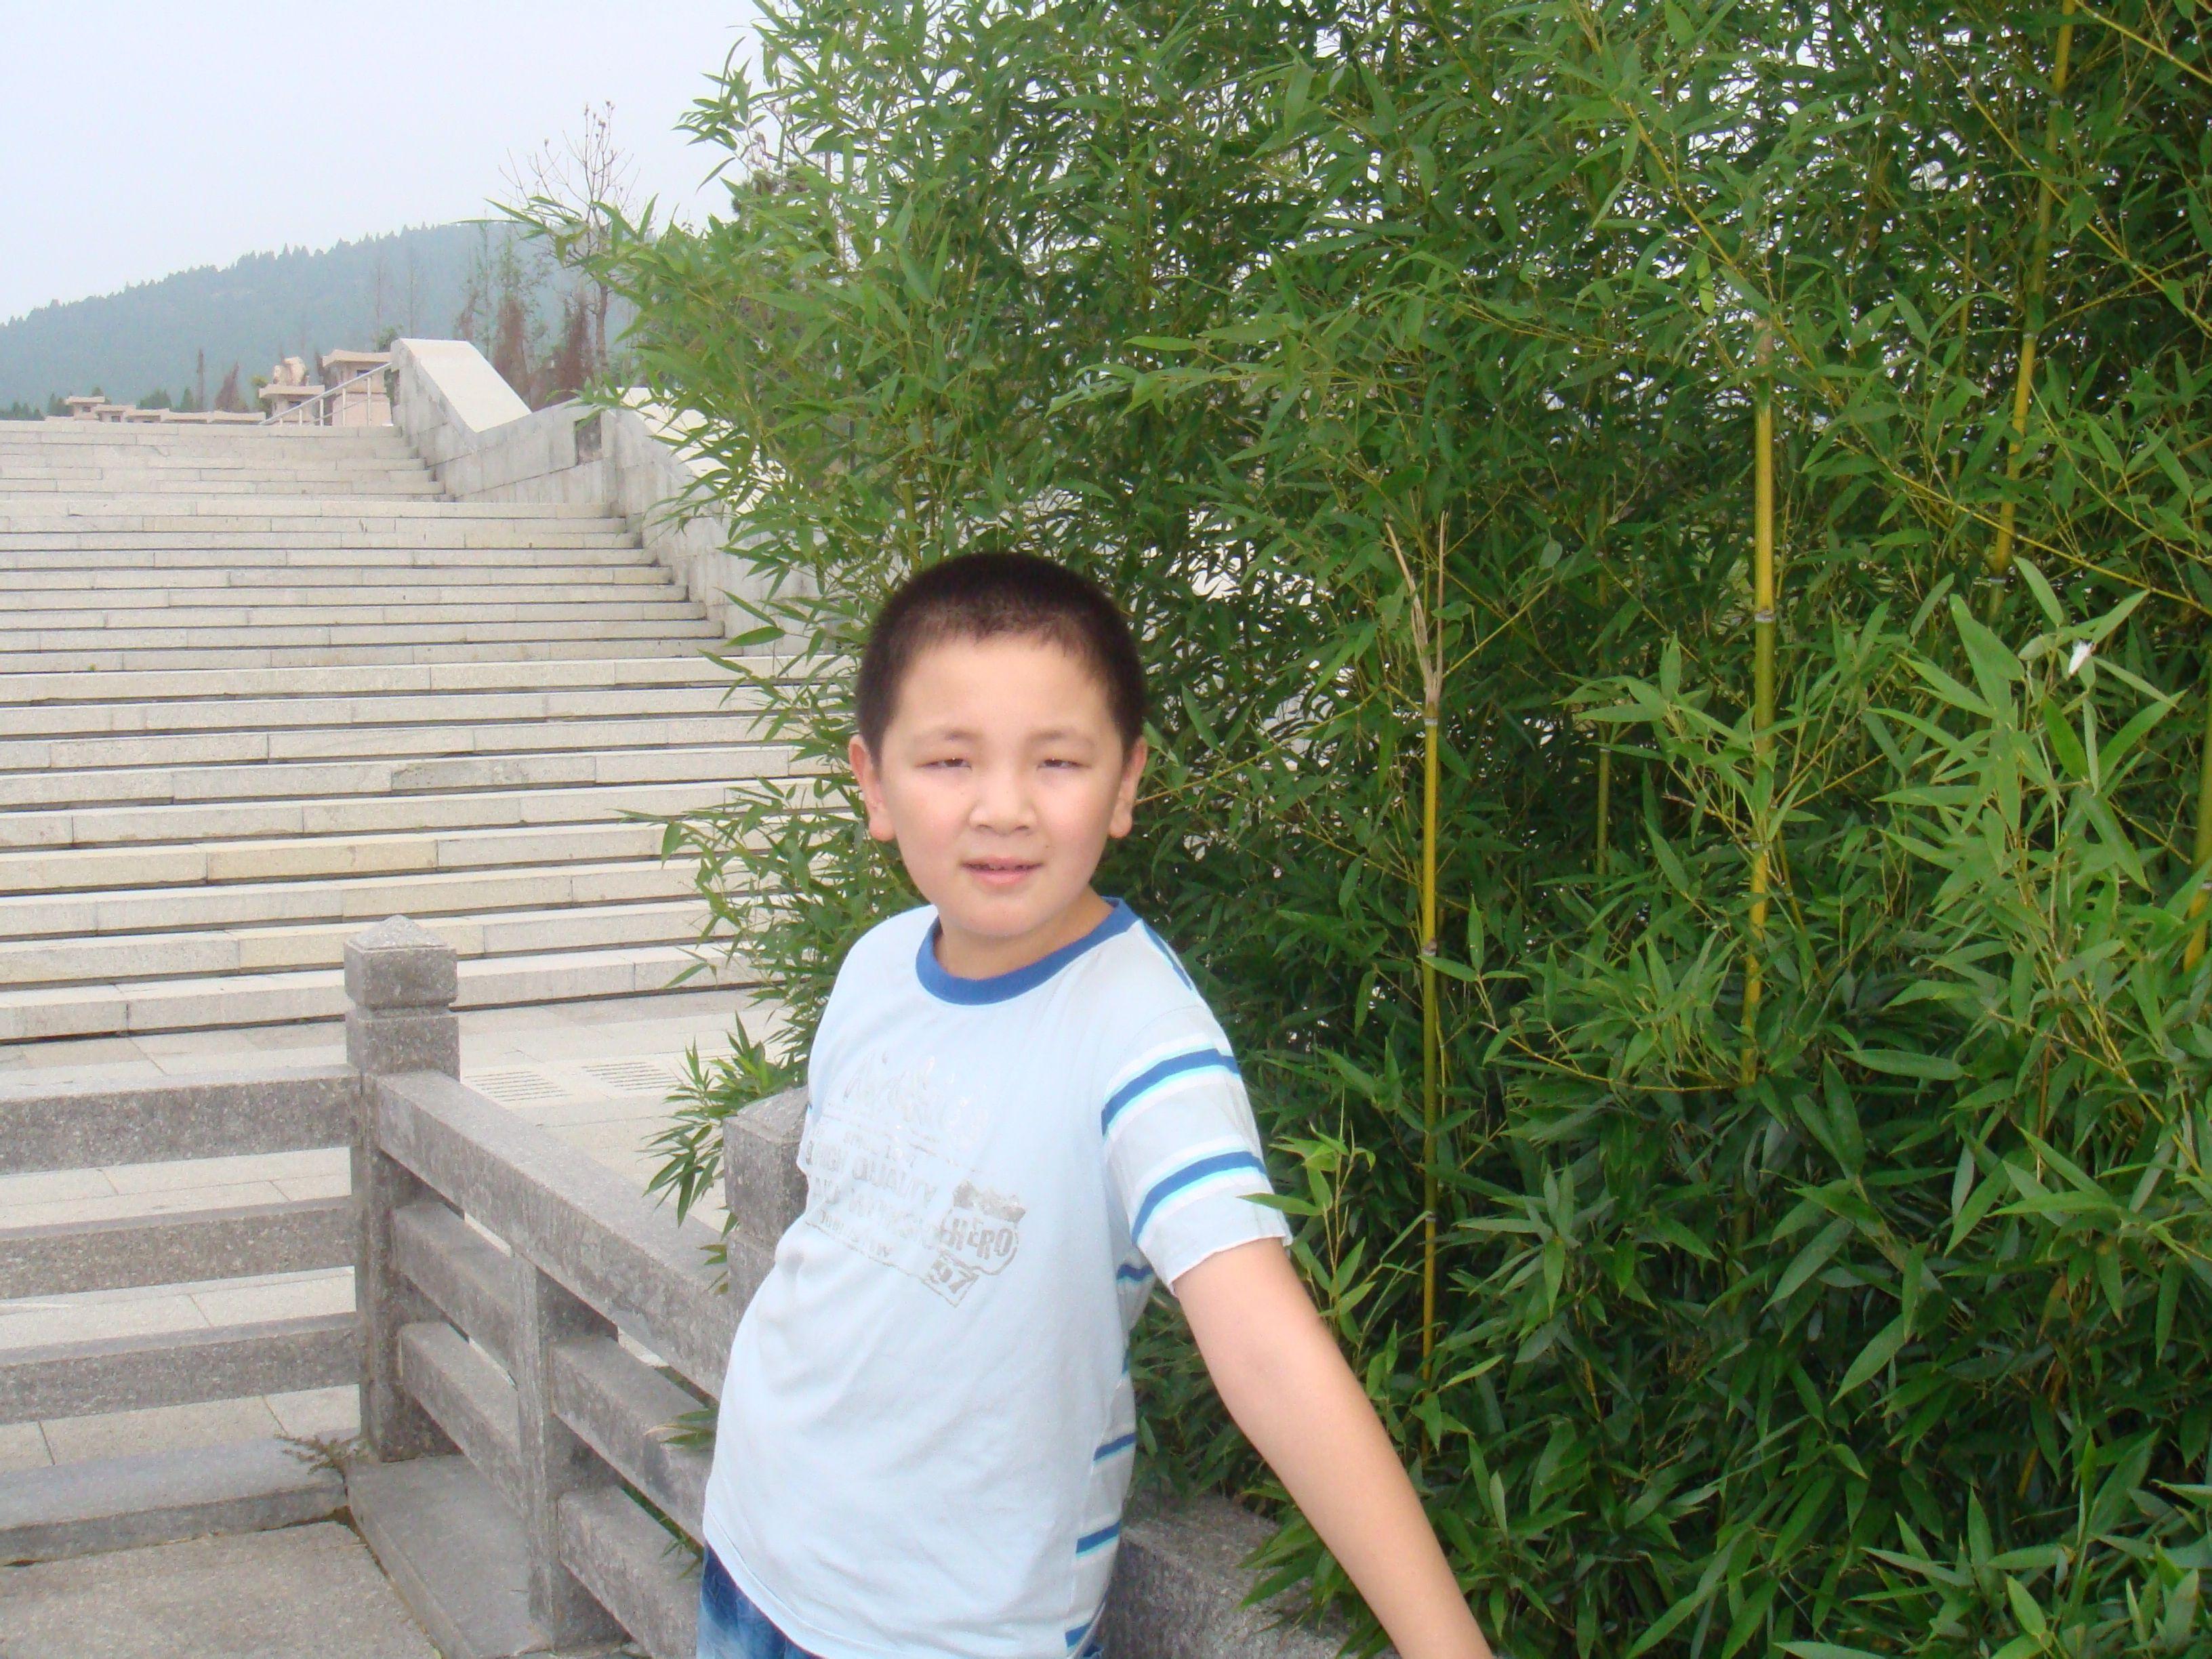 我14岁,才140厘米,(男生)怎样让自己长高点,好自卑啊图片